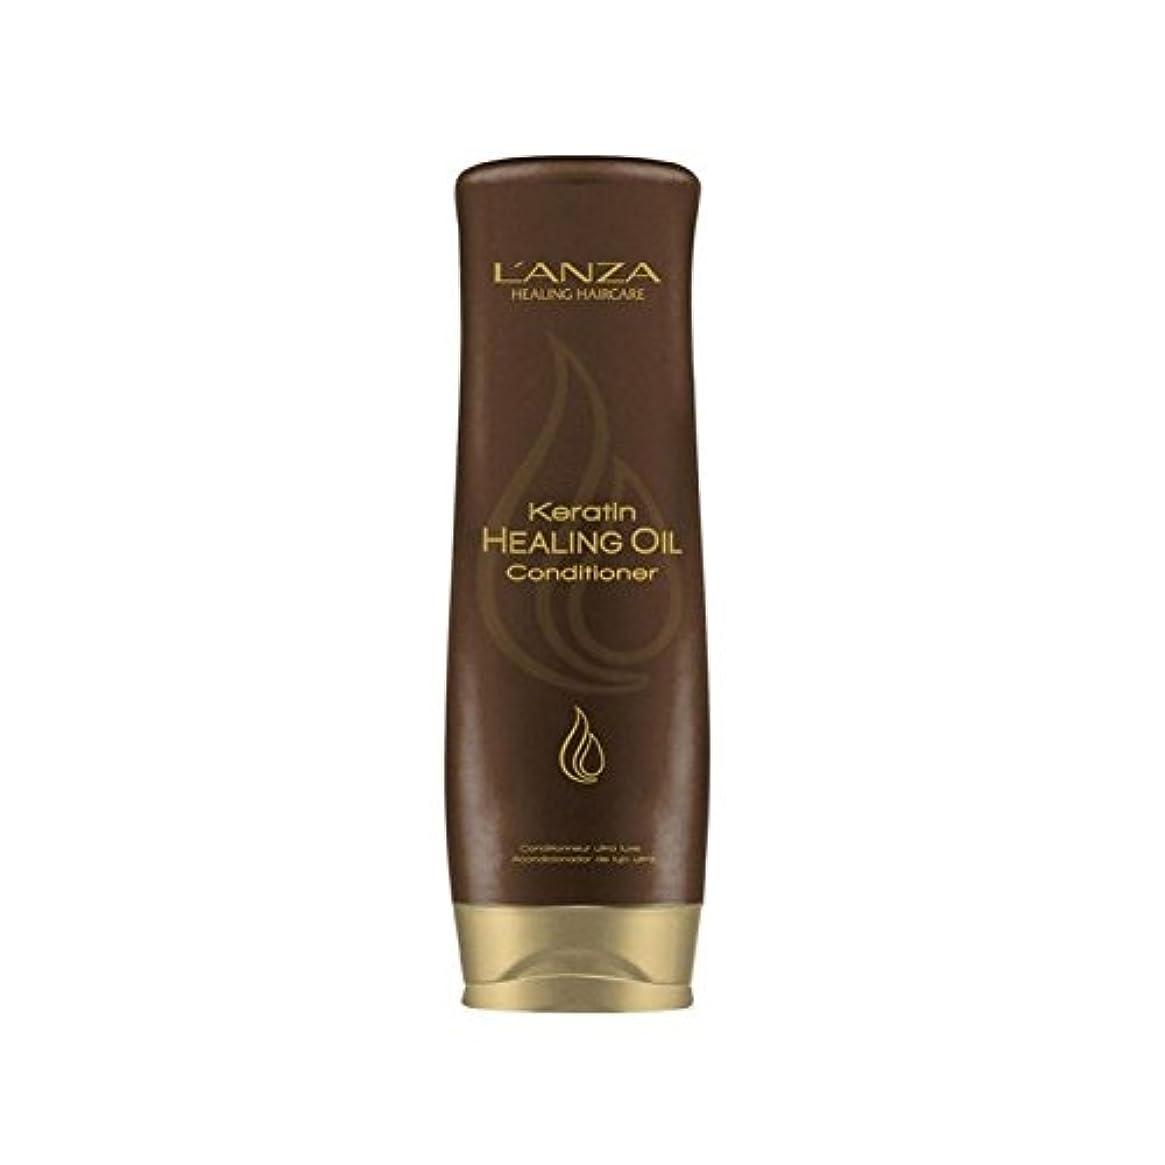 ヒントレタッチブロッサムL'Anza Keratin Healing Oil Conditioner (250ml) (Pack of 6) - アンザケラチンオイルコンディショナー(250ミリリットル)を癒し x6 [並行輸入品]